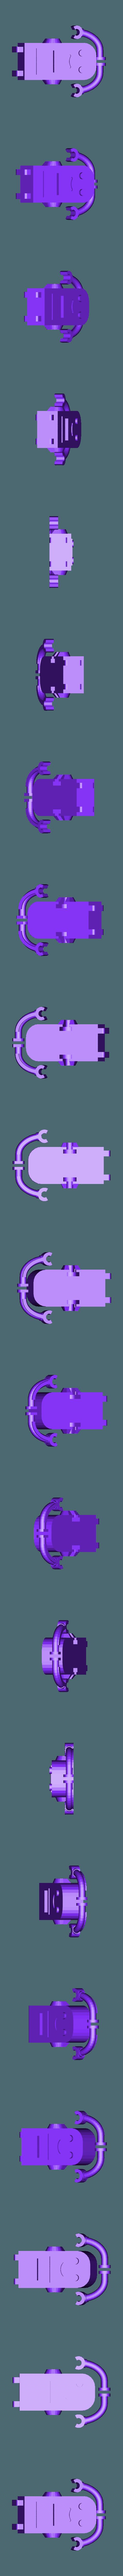 girl.stl Télécharger fichier STL gratuit Famille de robots Simple Pas de soutien • Plan imprimable en 3D, Toymakr3D